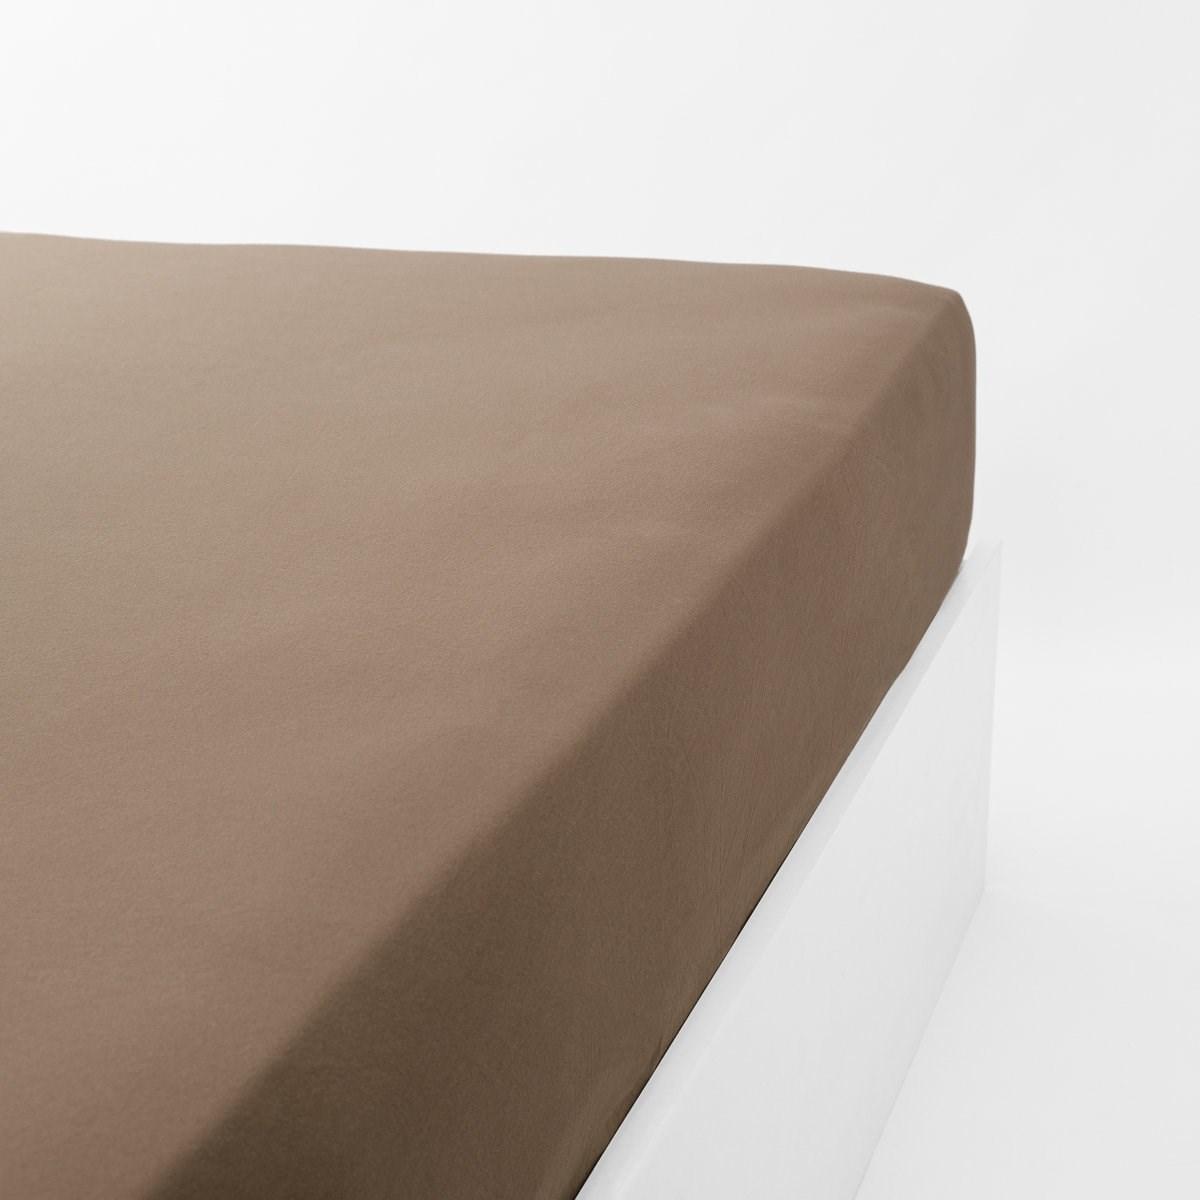 Drap housse jersey extensible en coton marron 120x190 cm